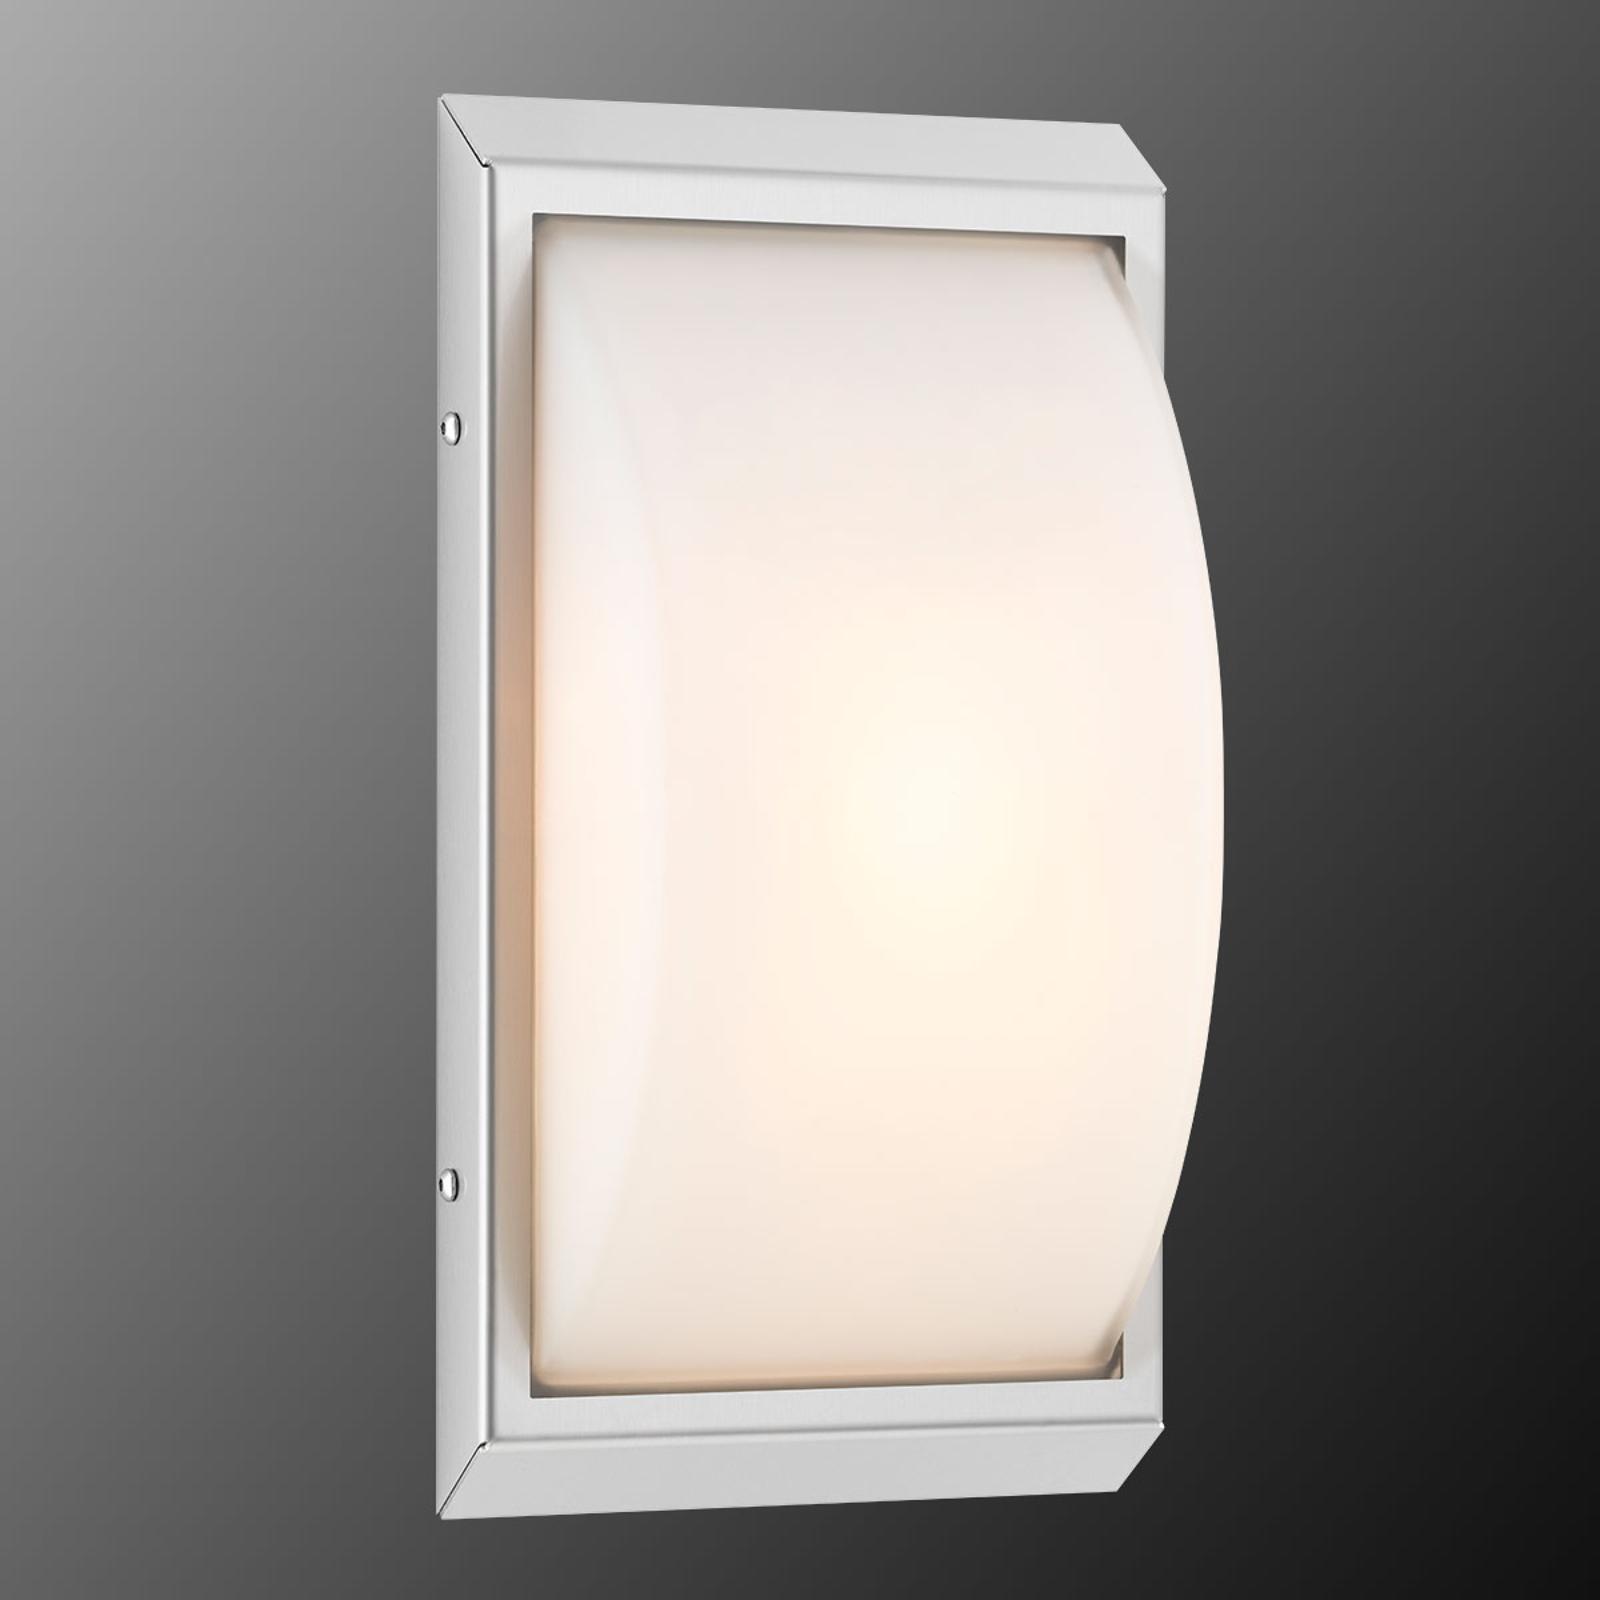 Zewnętrzna lampa ścienna MALTE